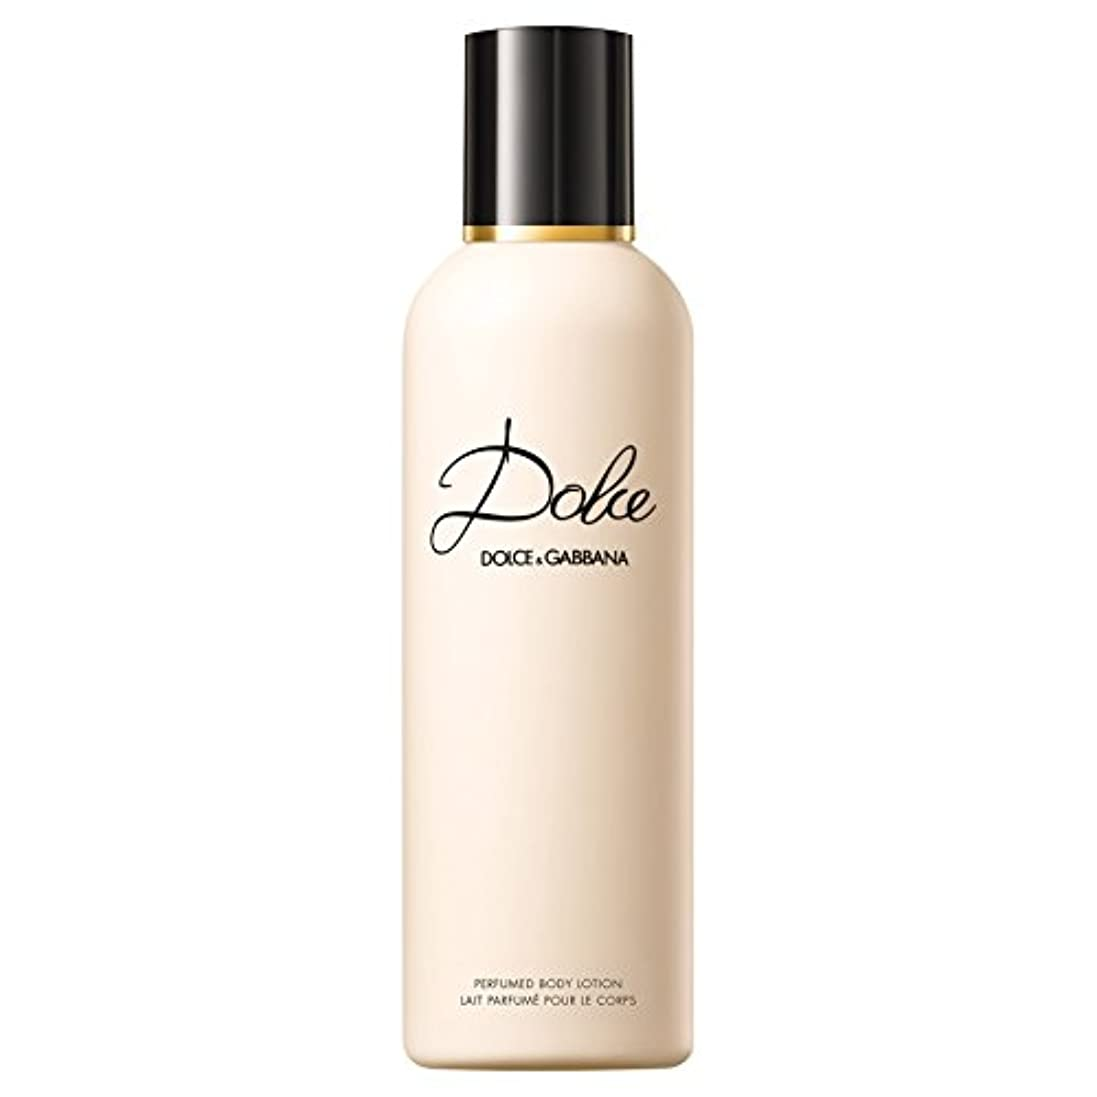 ハイキングに行くトラフィック移行するドルチェ&ガッバーナドルチェのボディローション200ミリリットル (Dolce & Gabbana) (x2) - Dolce & Gabbana Dolce Body Lotion 200ml (Pack of 2)...